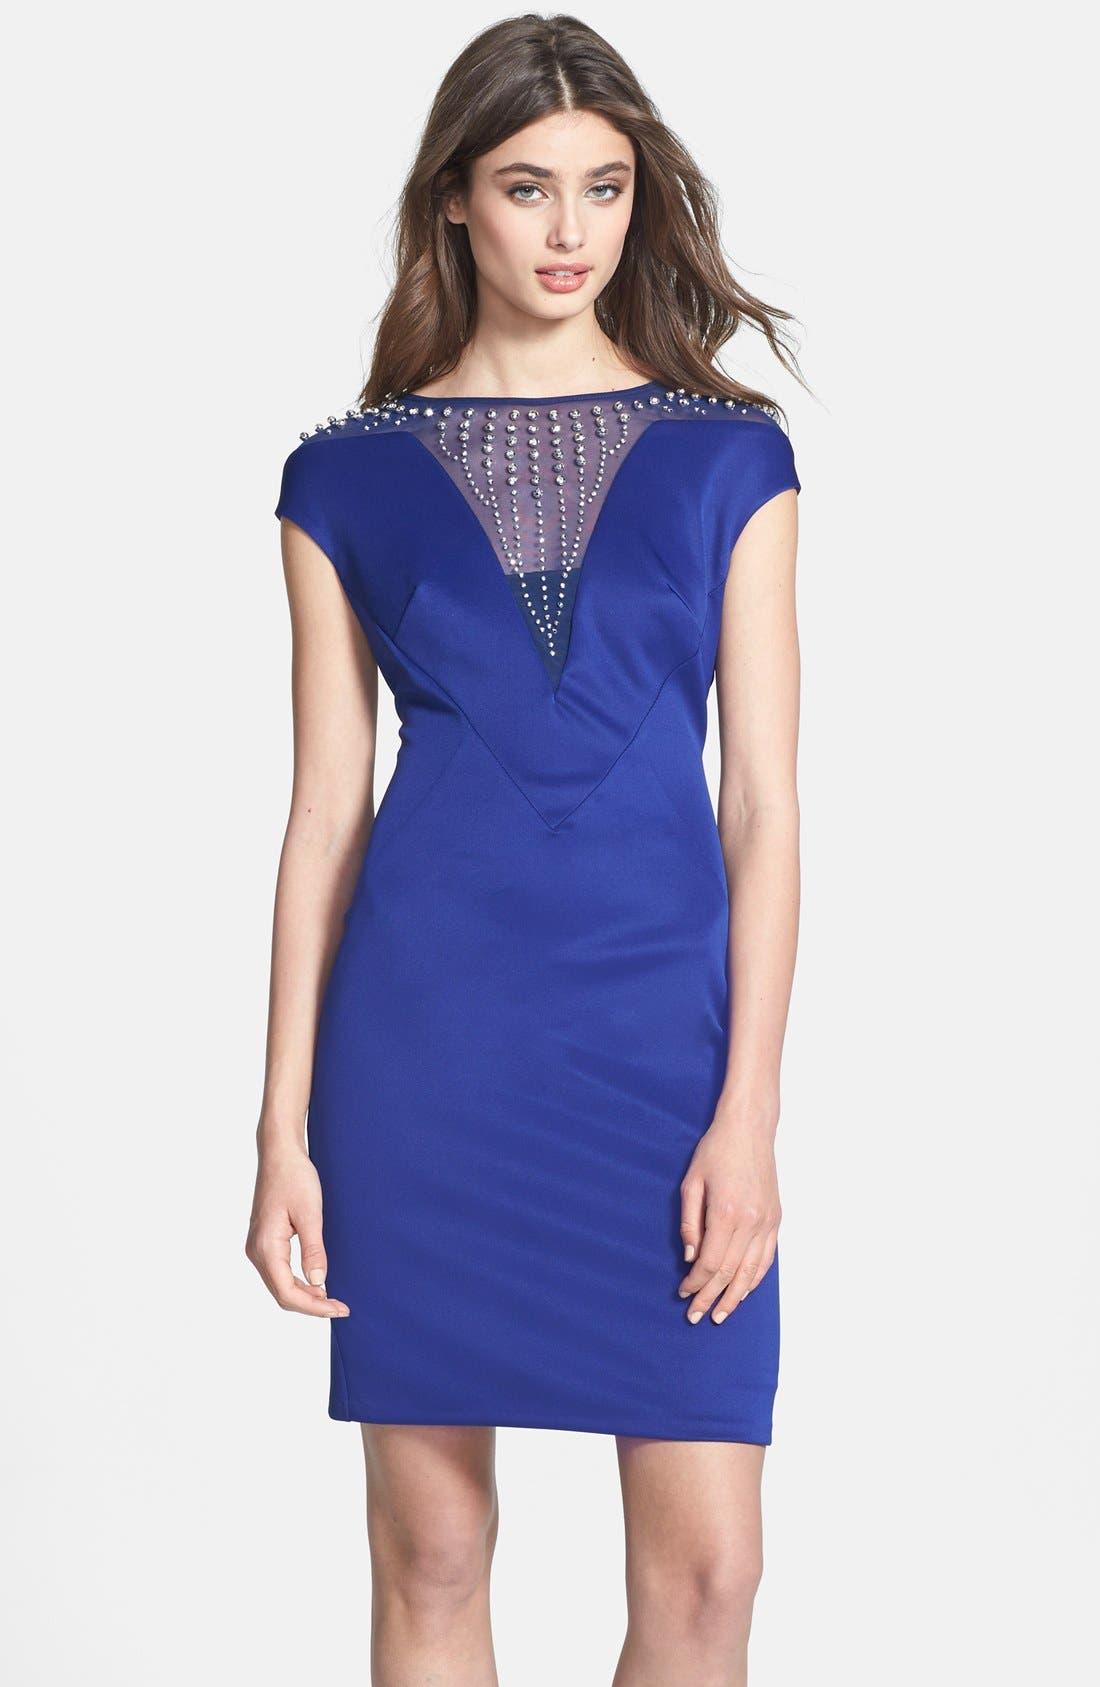 Alternate Image 1 Selected - Alexia Admor Embellished Yoke Ponte Sheath Dress